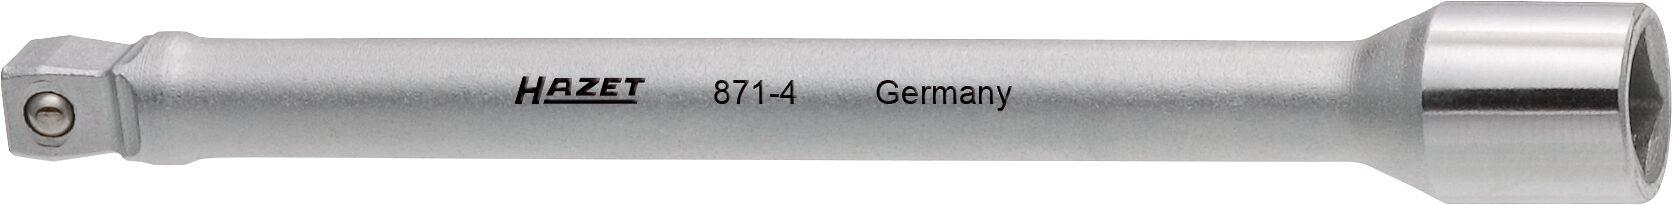 HAZET Verlängerung ∙ schwenkbar 871-4 ∙ Vierkant hohl 6,3 mm (1/4 Zoll) ∙ Vierkant massiv 6,3 mm (1/4 Zoll)